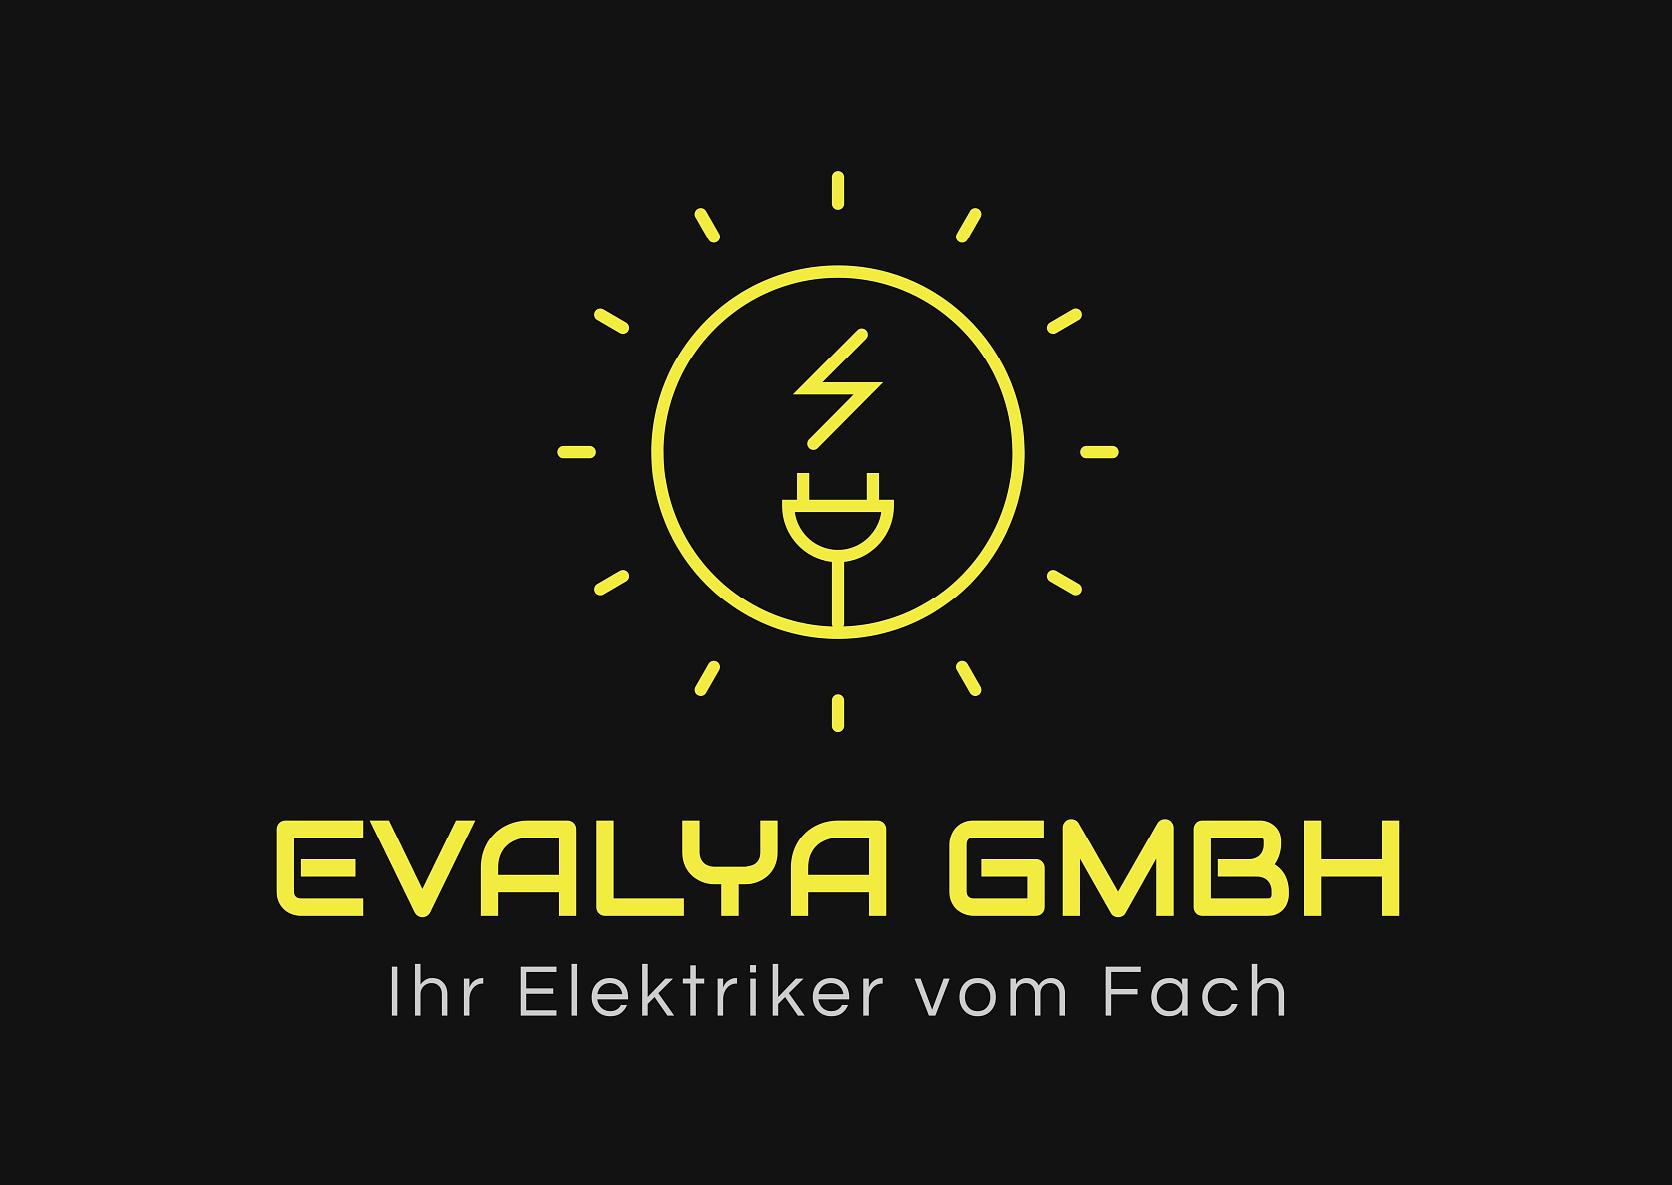 Evalya GmbH